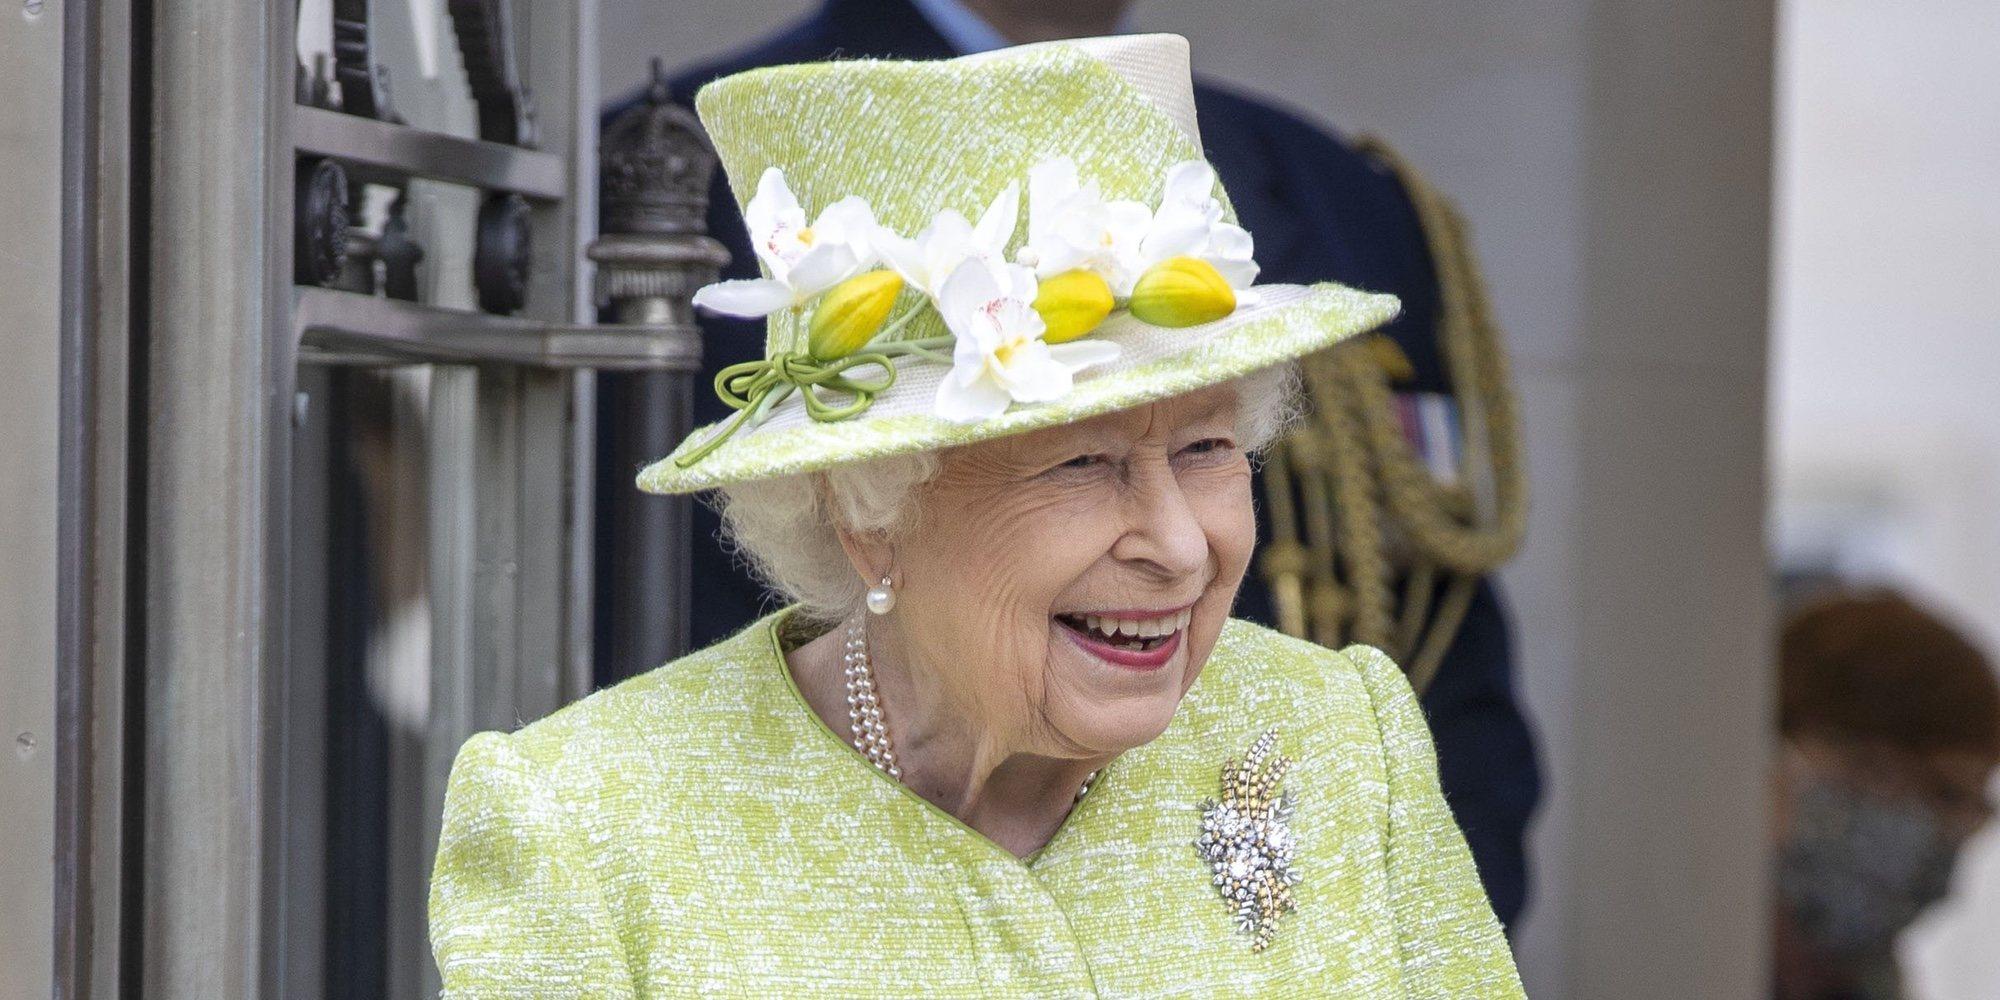 El primer acto público de la Reina Isabel tras la polémica entrevista de los Duques de Sussex